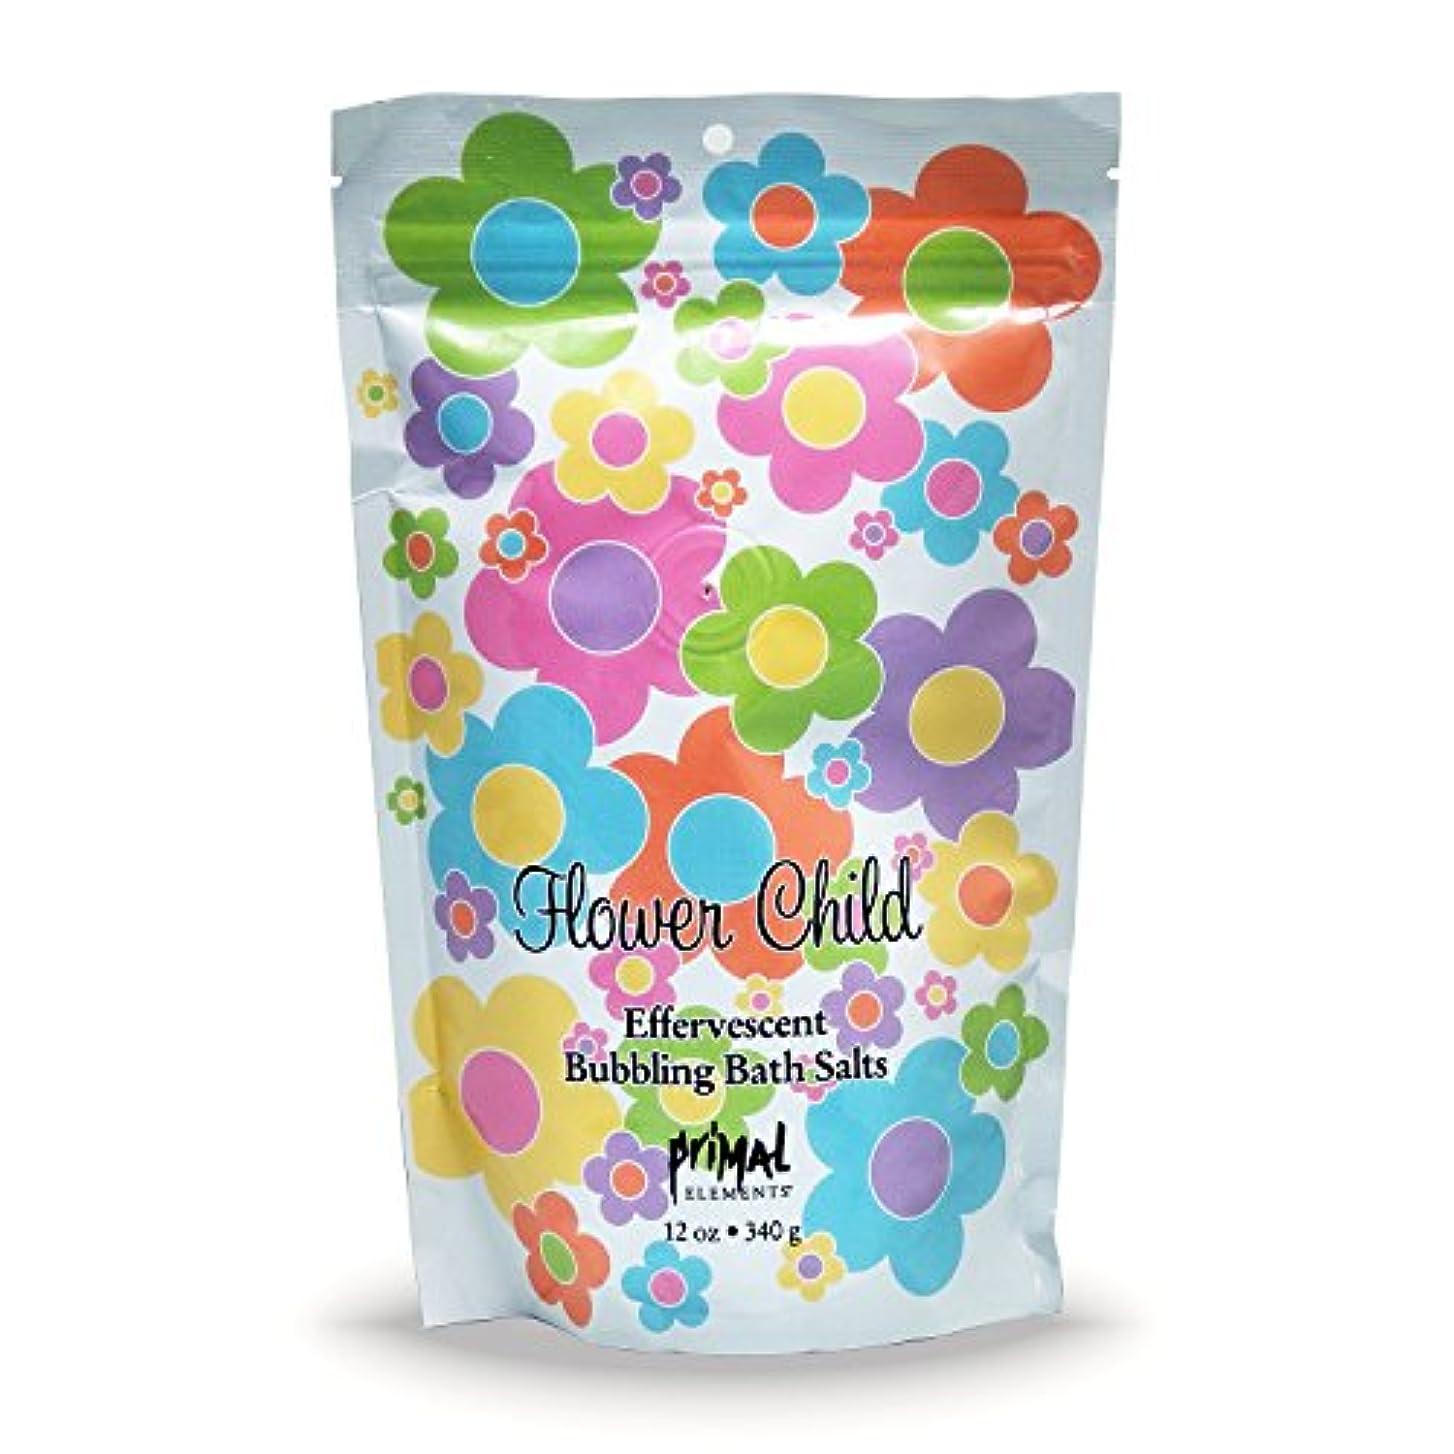 できれば豆抽象プライモールエレメンツ バブリング バスソルト/フラワーチャイルド 340g エプソムソルト含有 アロマの香りがひろがる泡立つ入浴剤